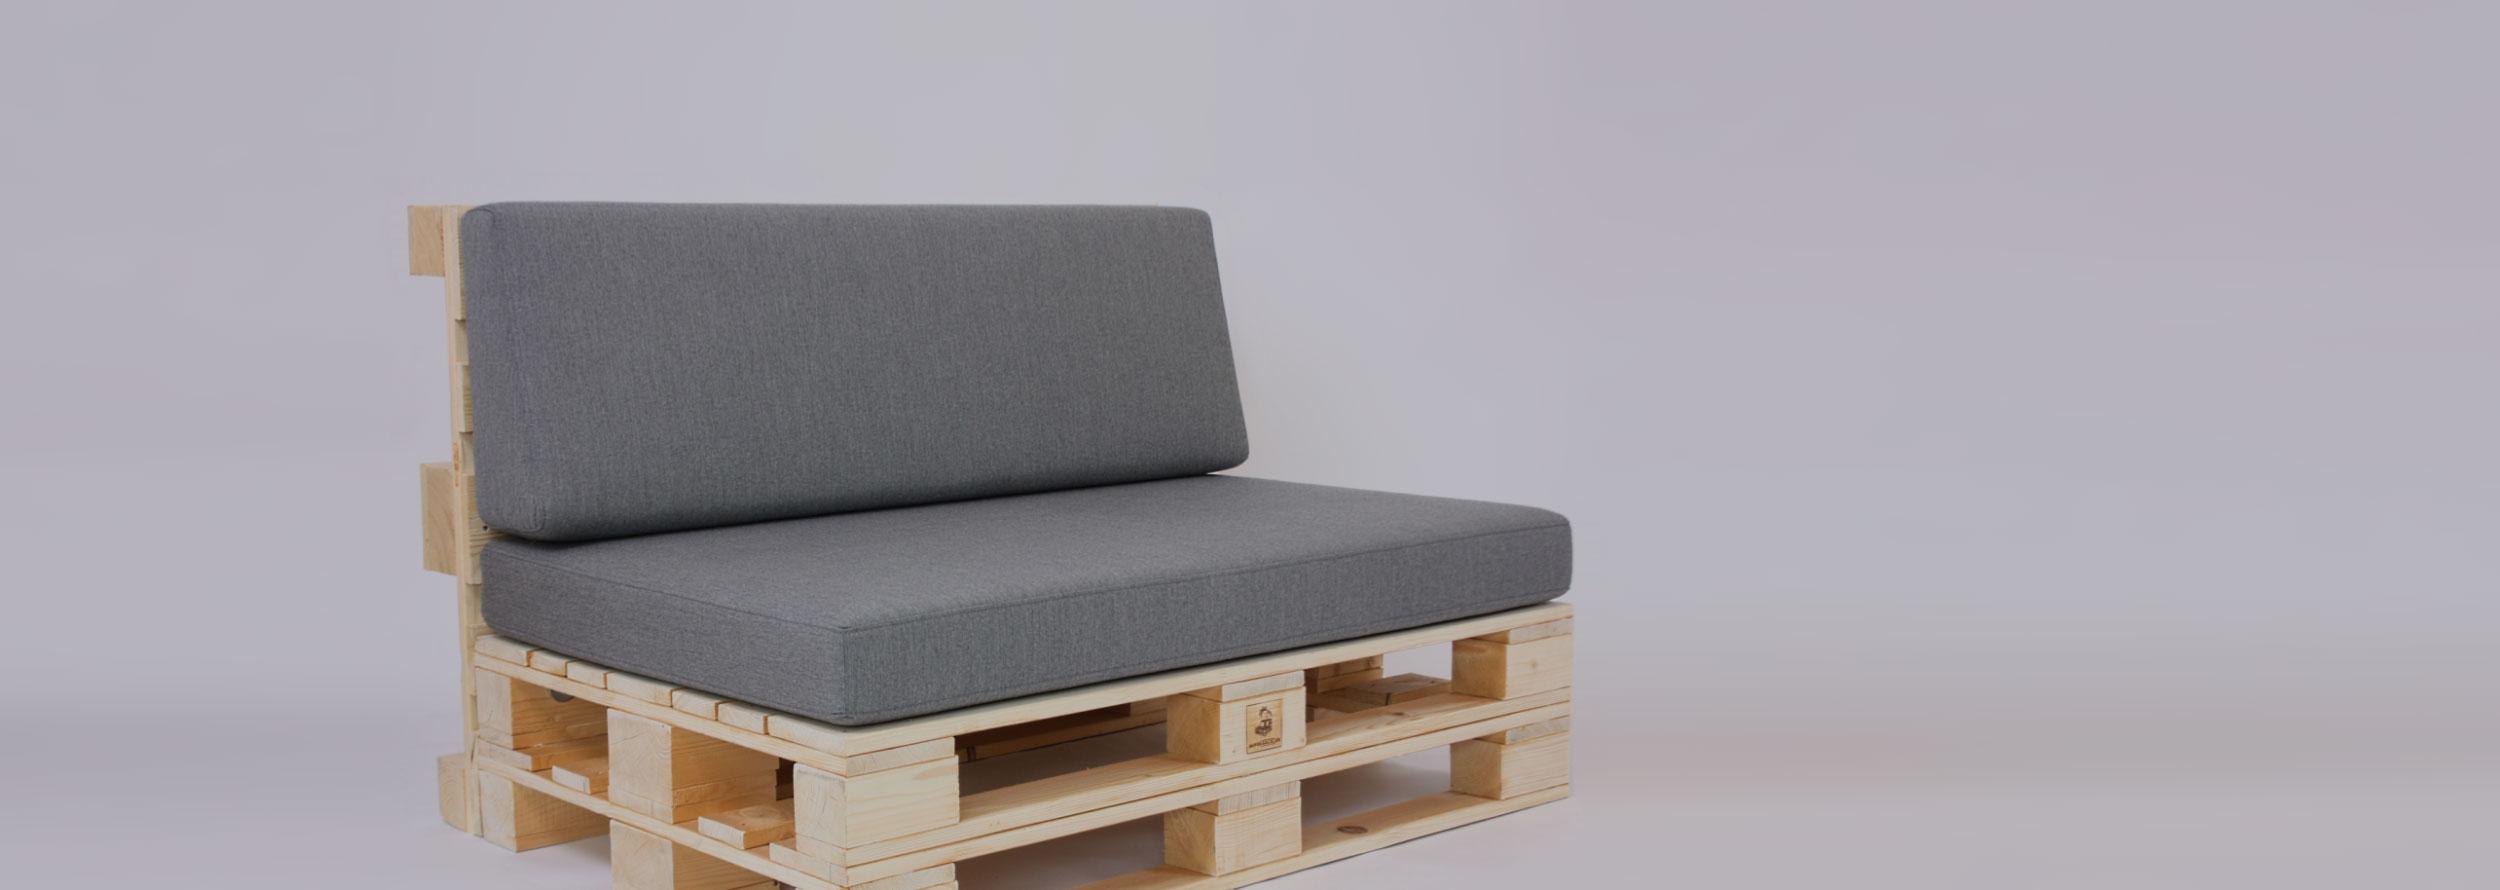 Palettenmöbel-kaufen-Palettensofas-Loungemöbel Classic von SUPERSACK